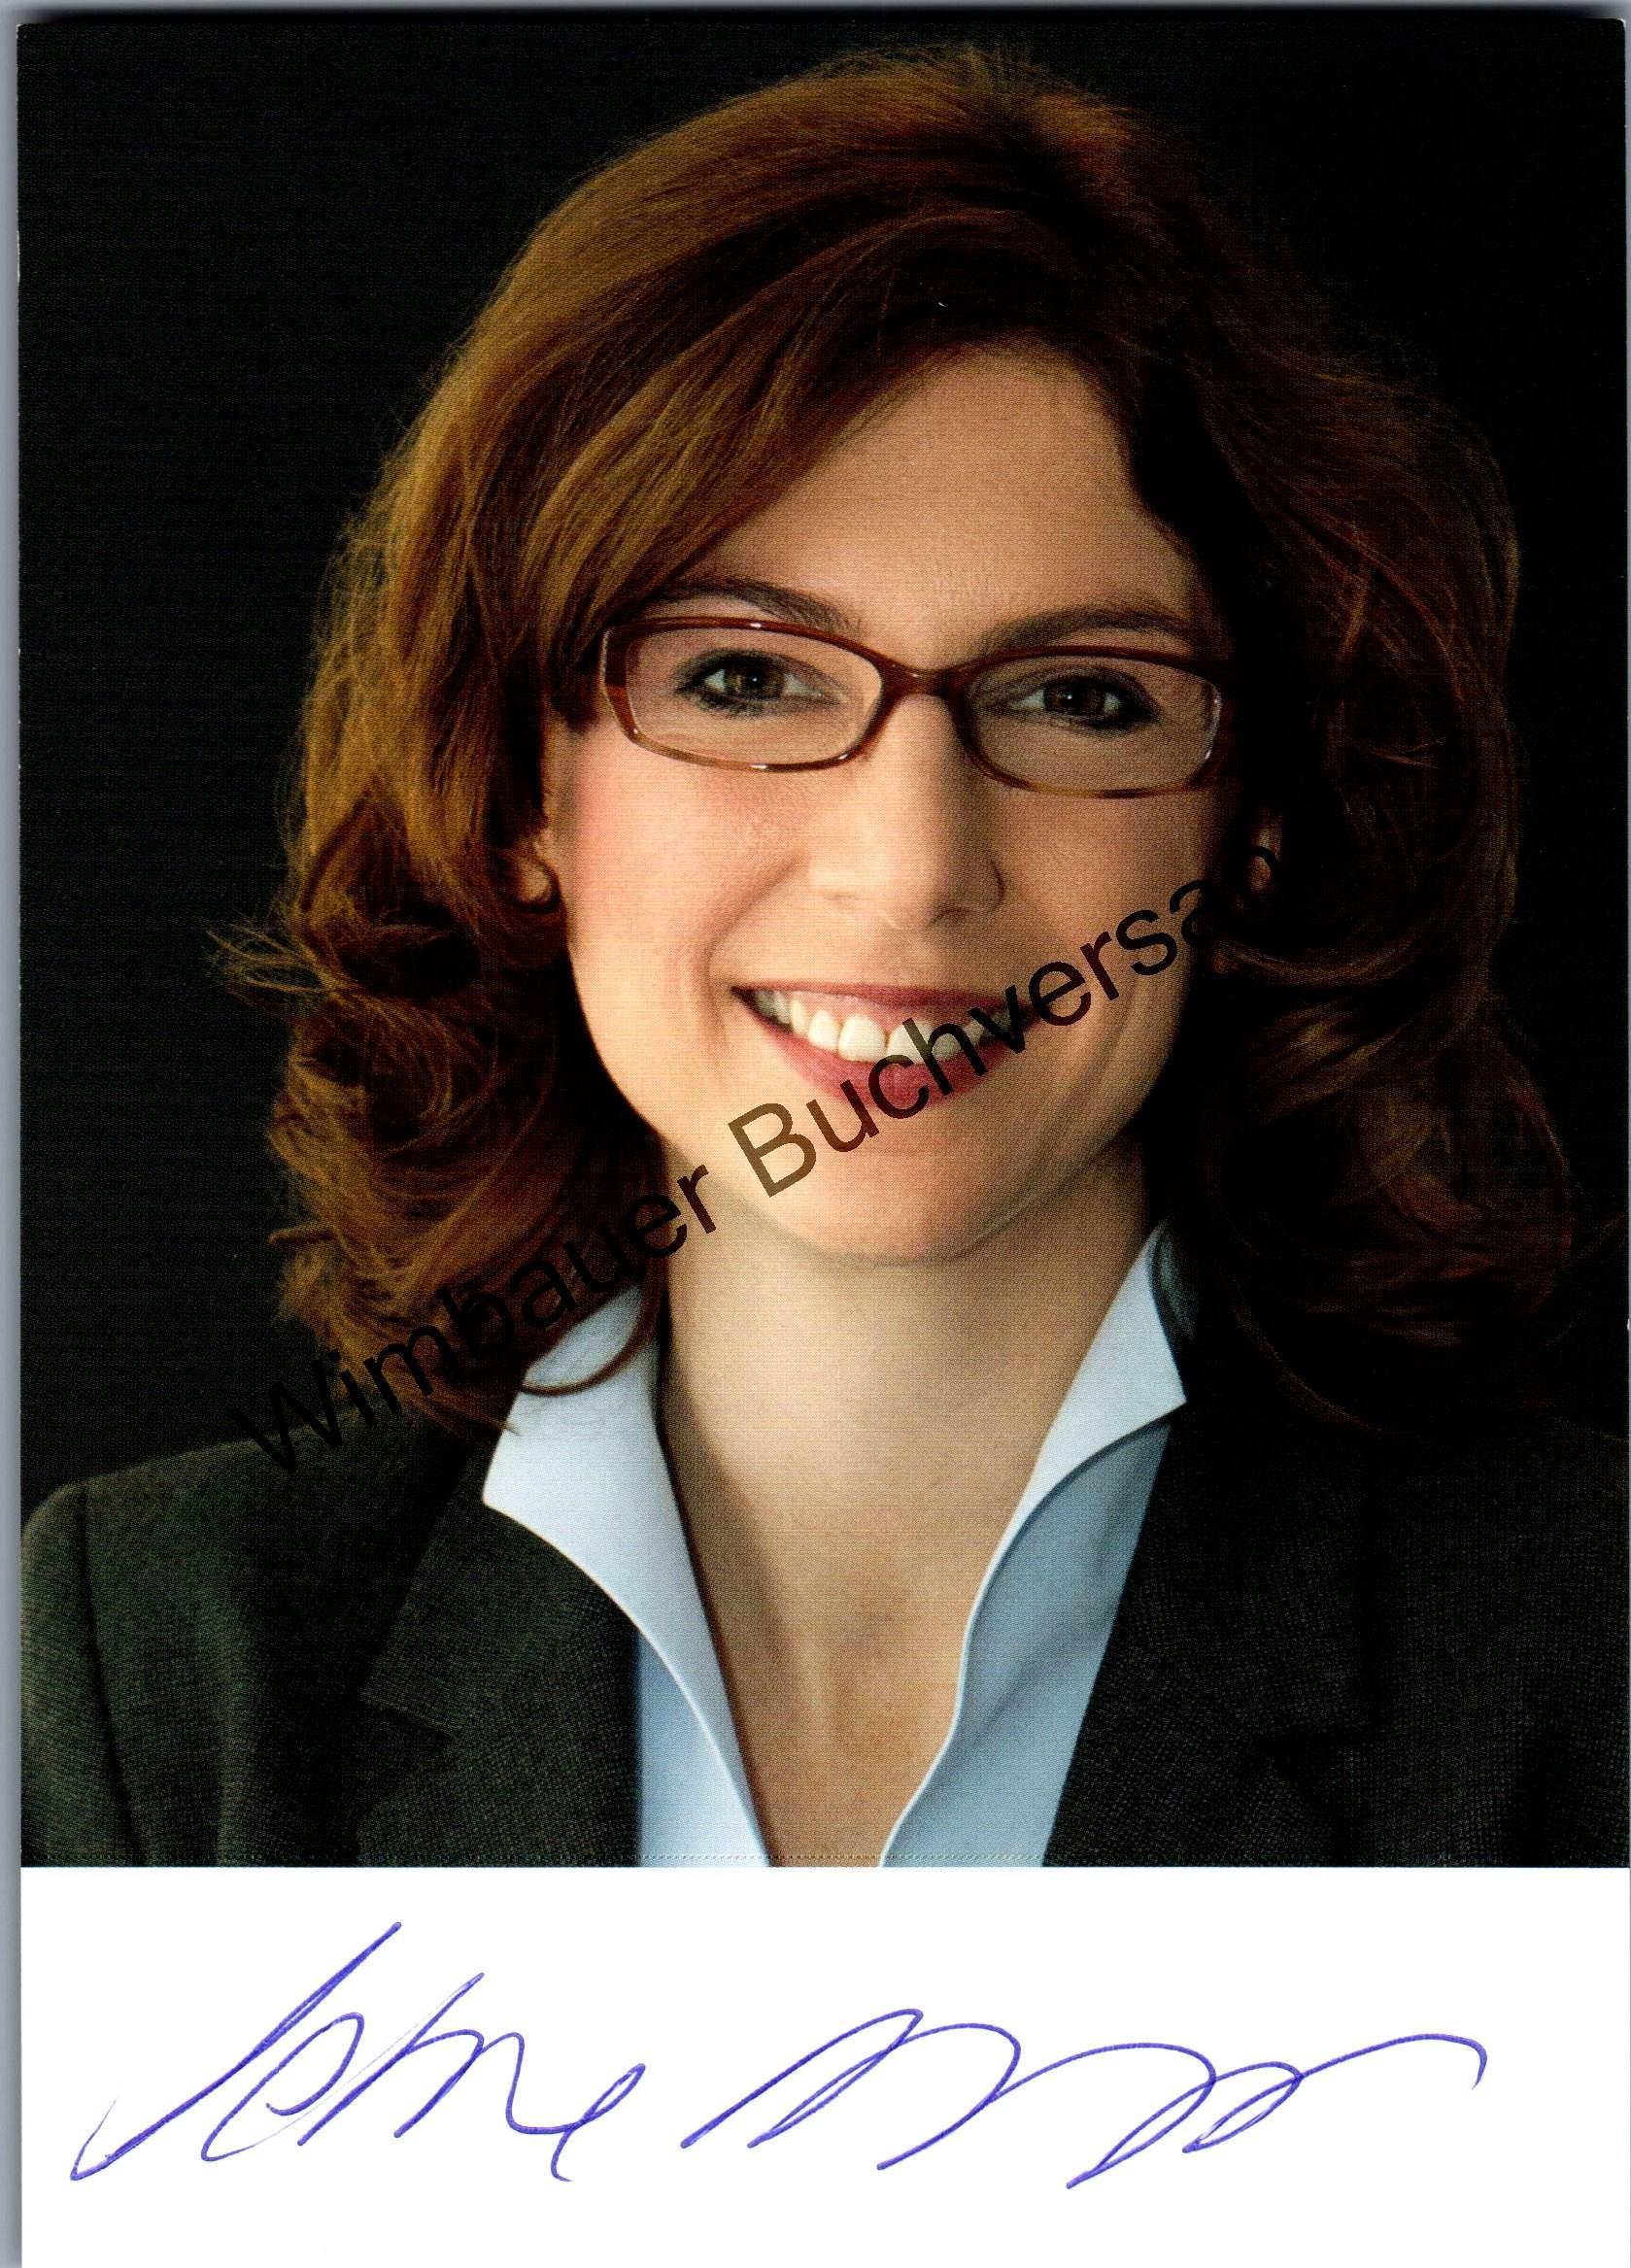 Bätzing-Lichtenthäler, Sabine : Original Autogramm Sabine Bätzing-Lichtenthäler Landesministerin Rheinland-Pfalz /// Autogramm Autograph signiert signed signee